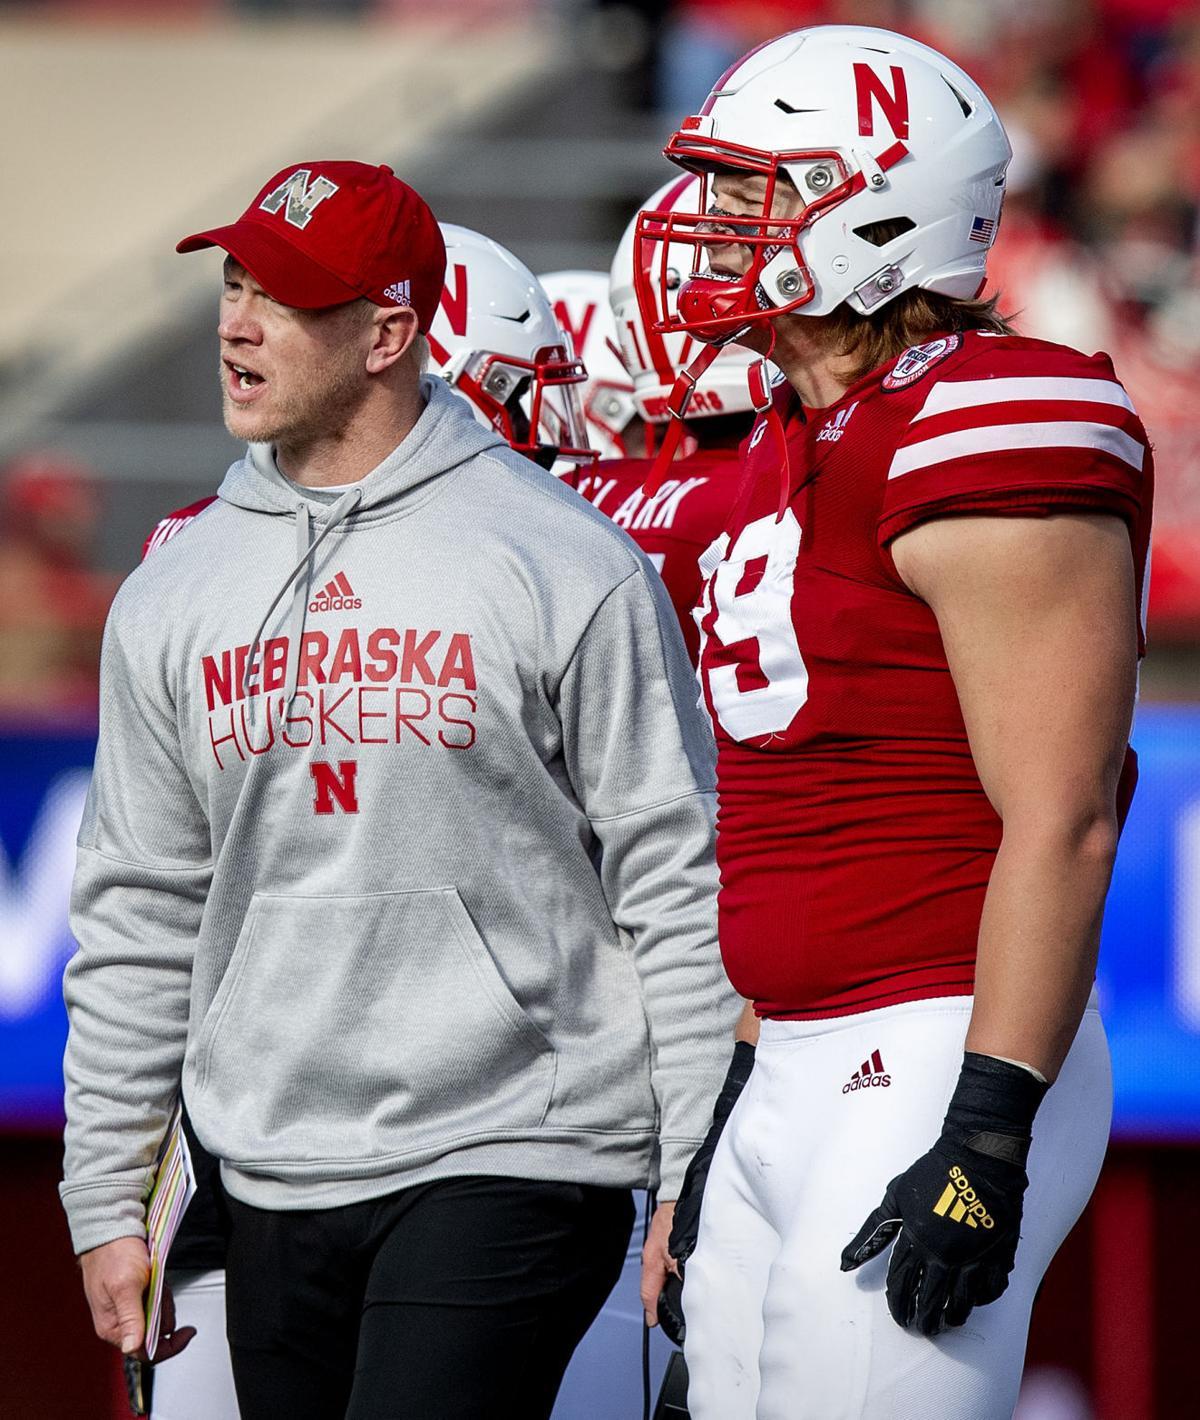 Wisconsin vs. Nebraska, 11.16